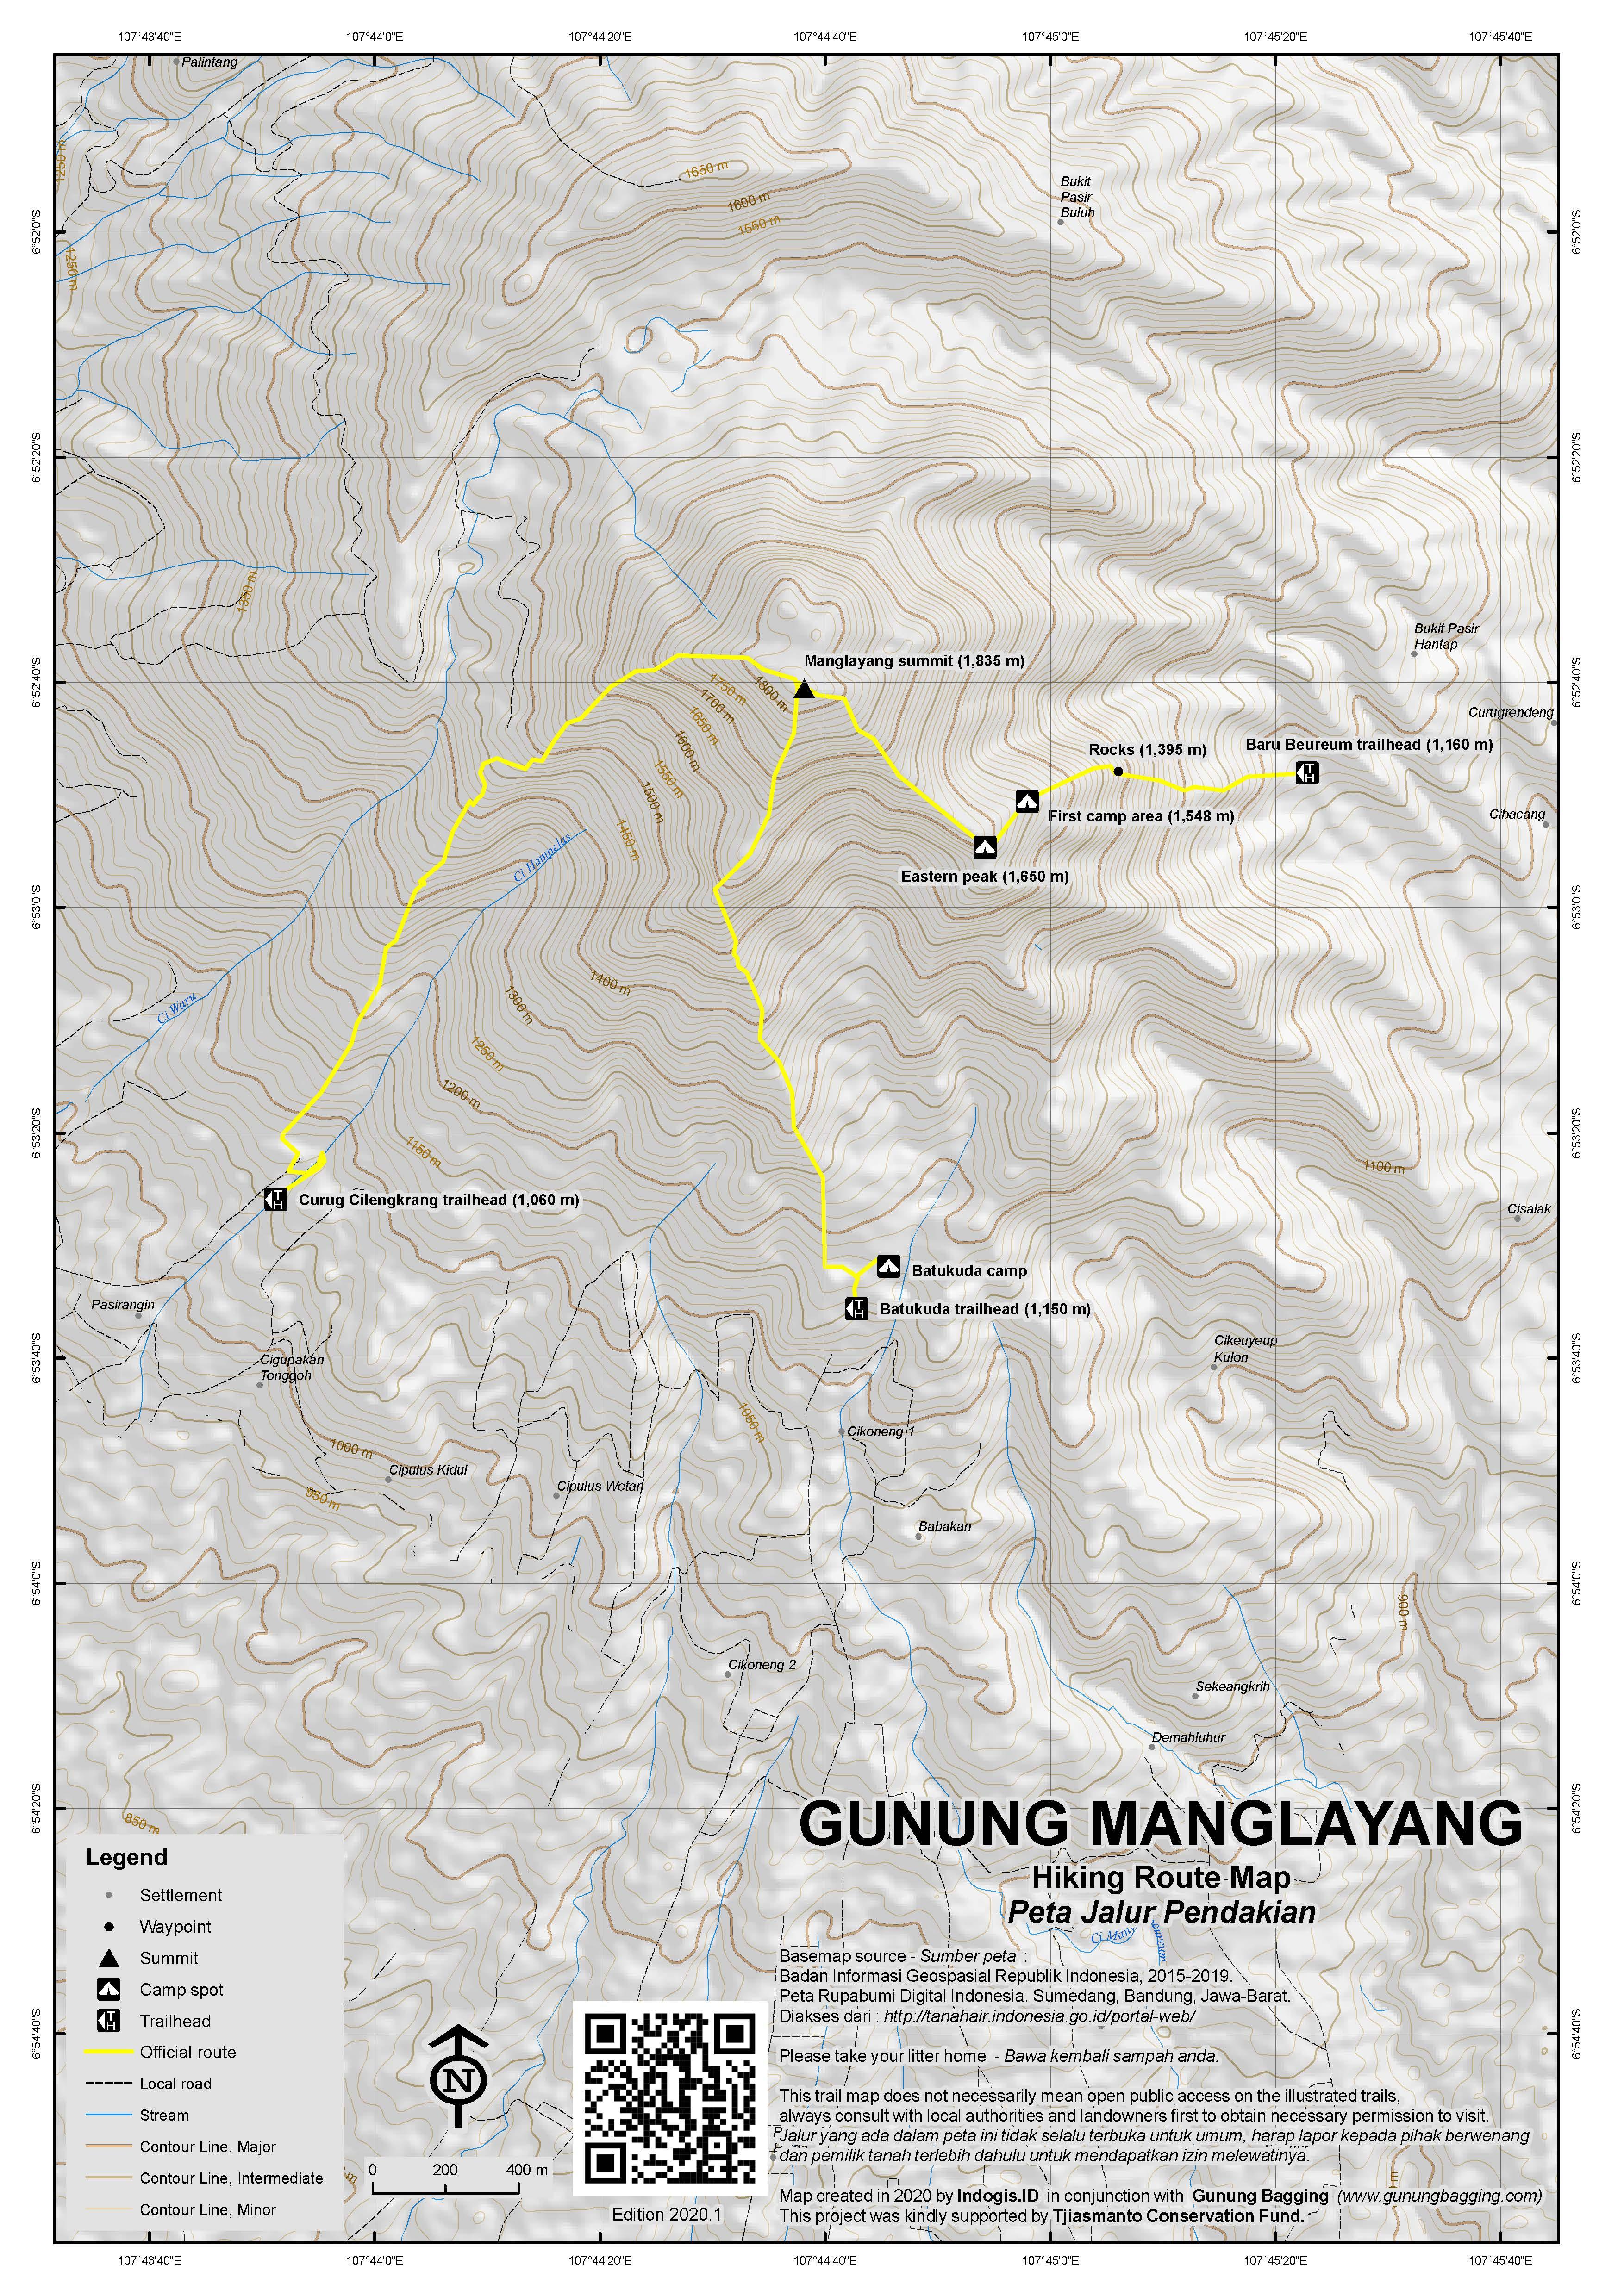 Peta Jalur Pendakian Gunung Manglayang